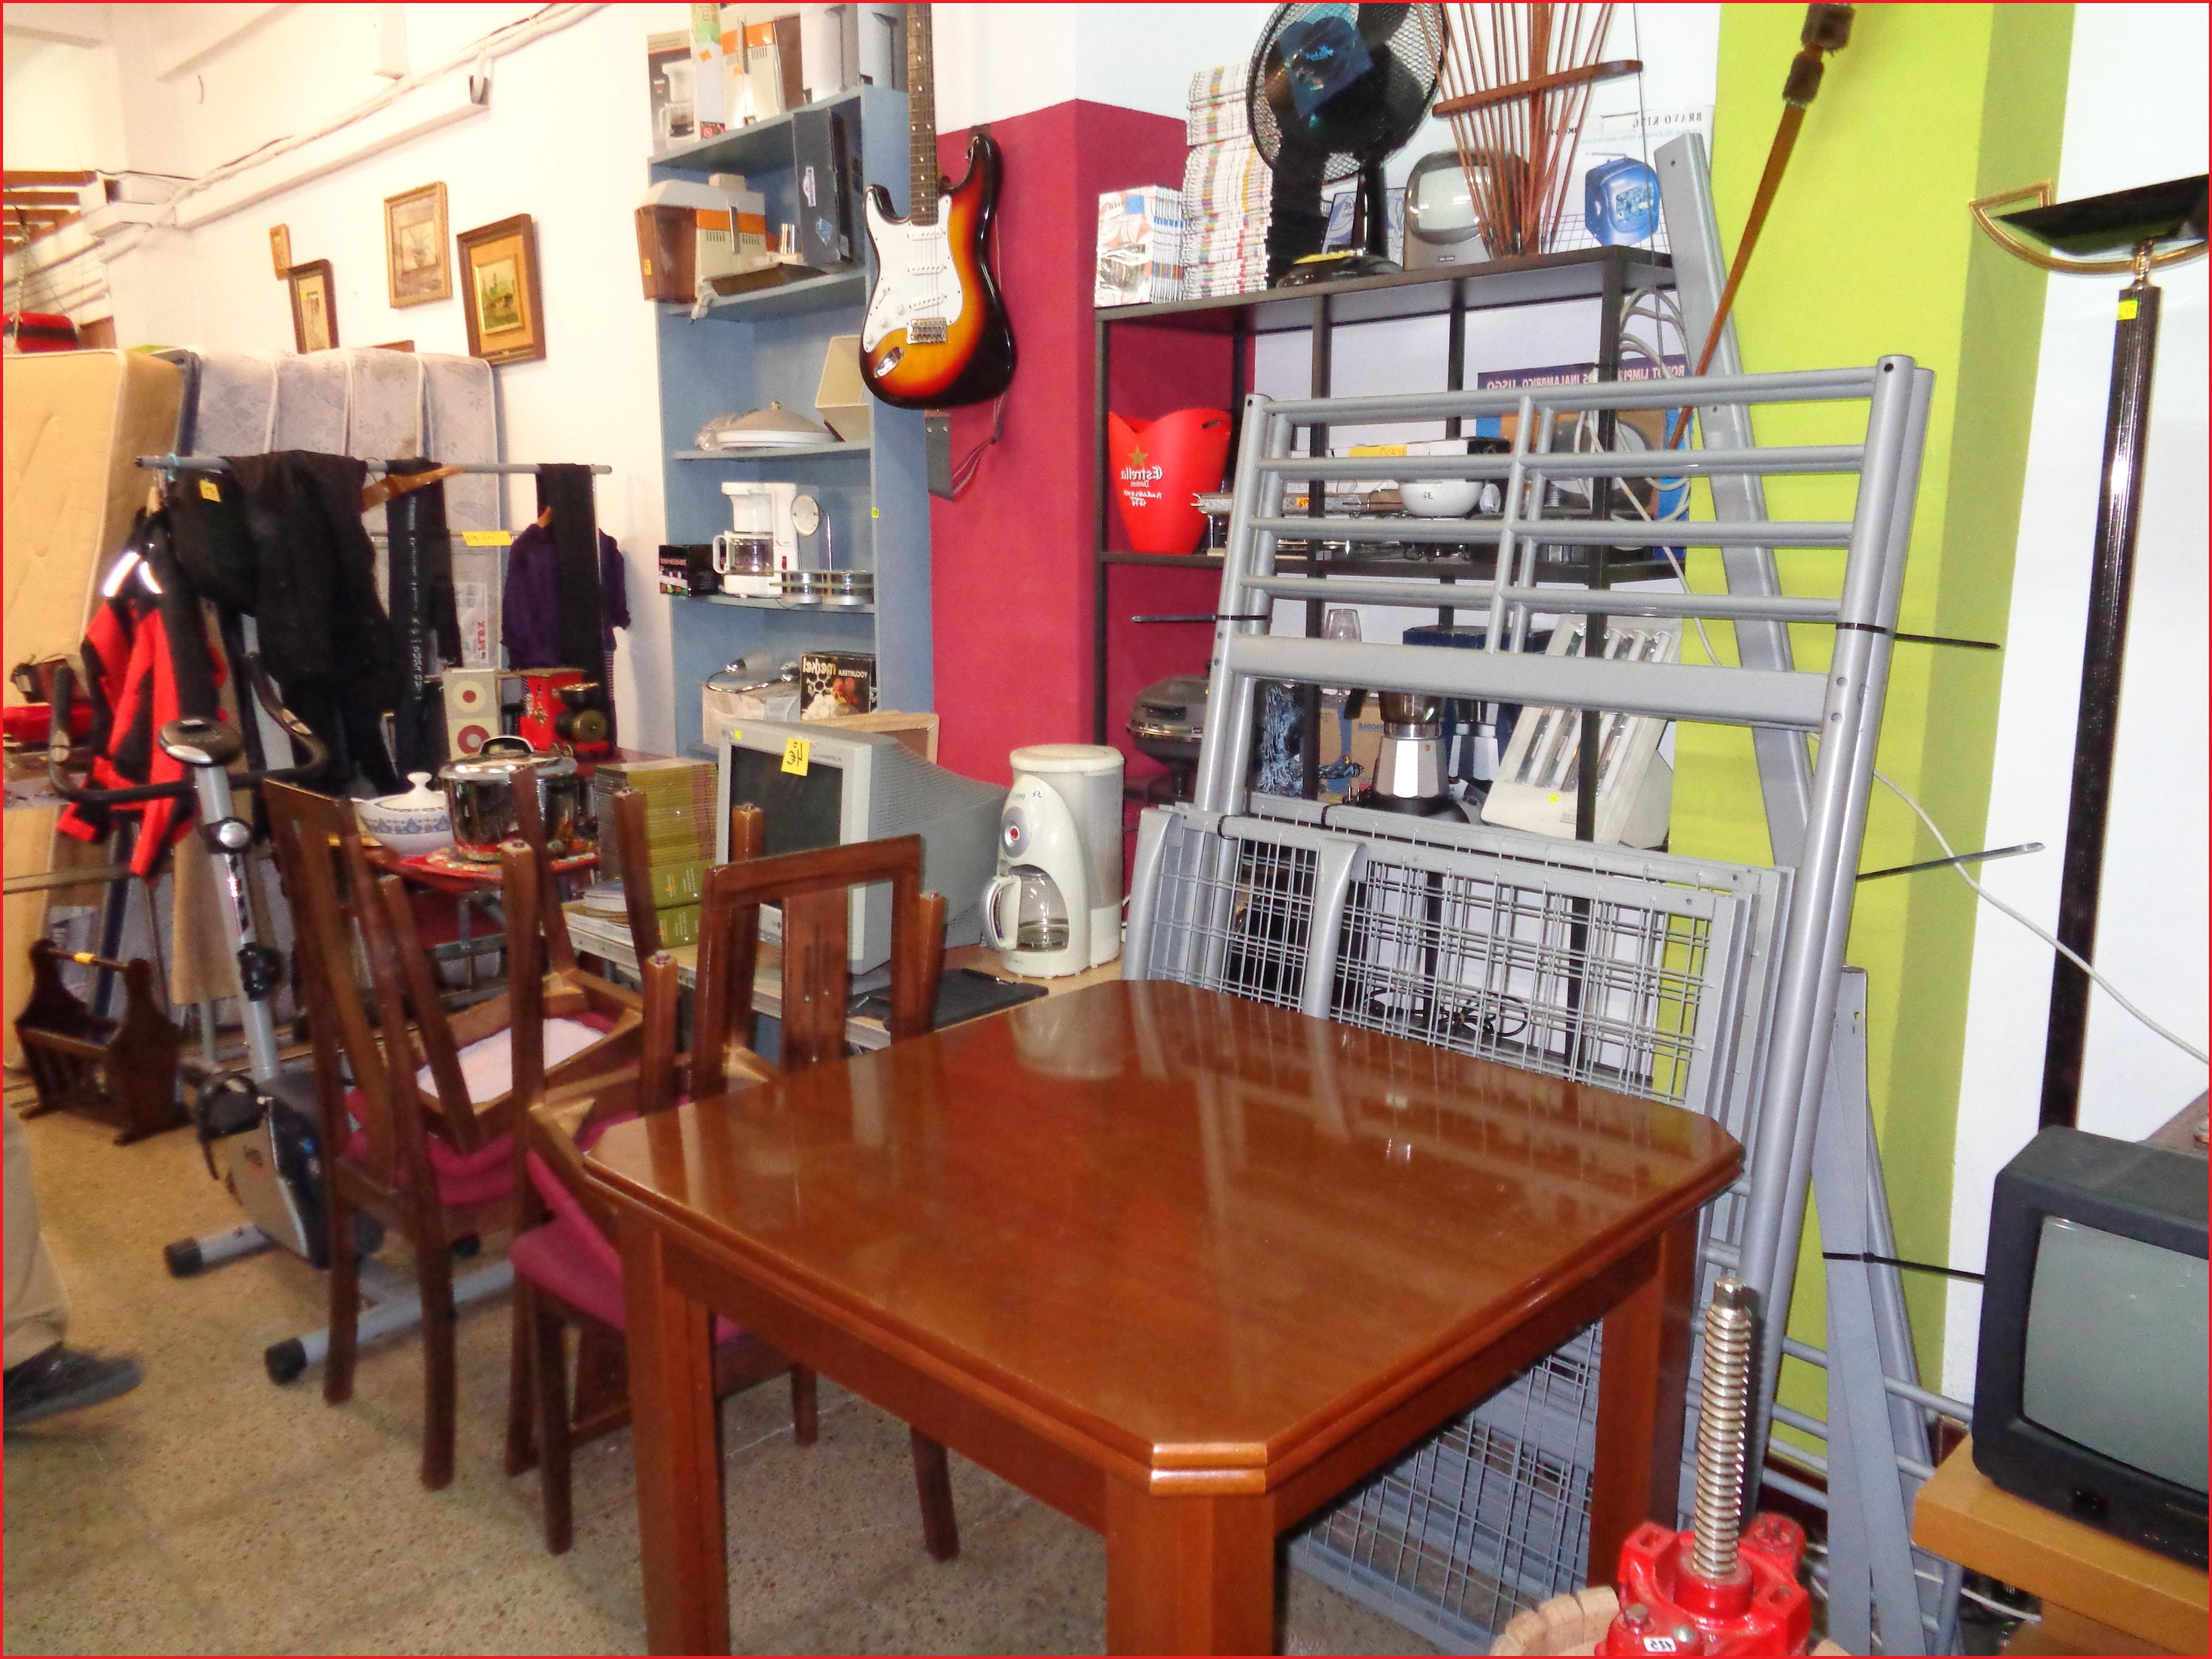 Muebles De Ocasion T8dj Muebles De Ocasion Valencia Segunda Mano Tarragona